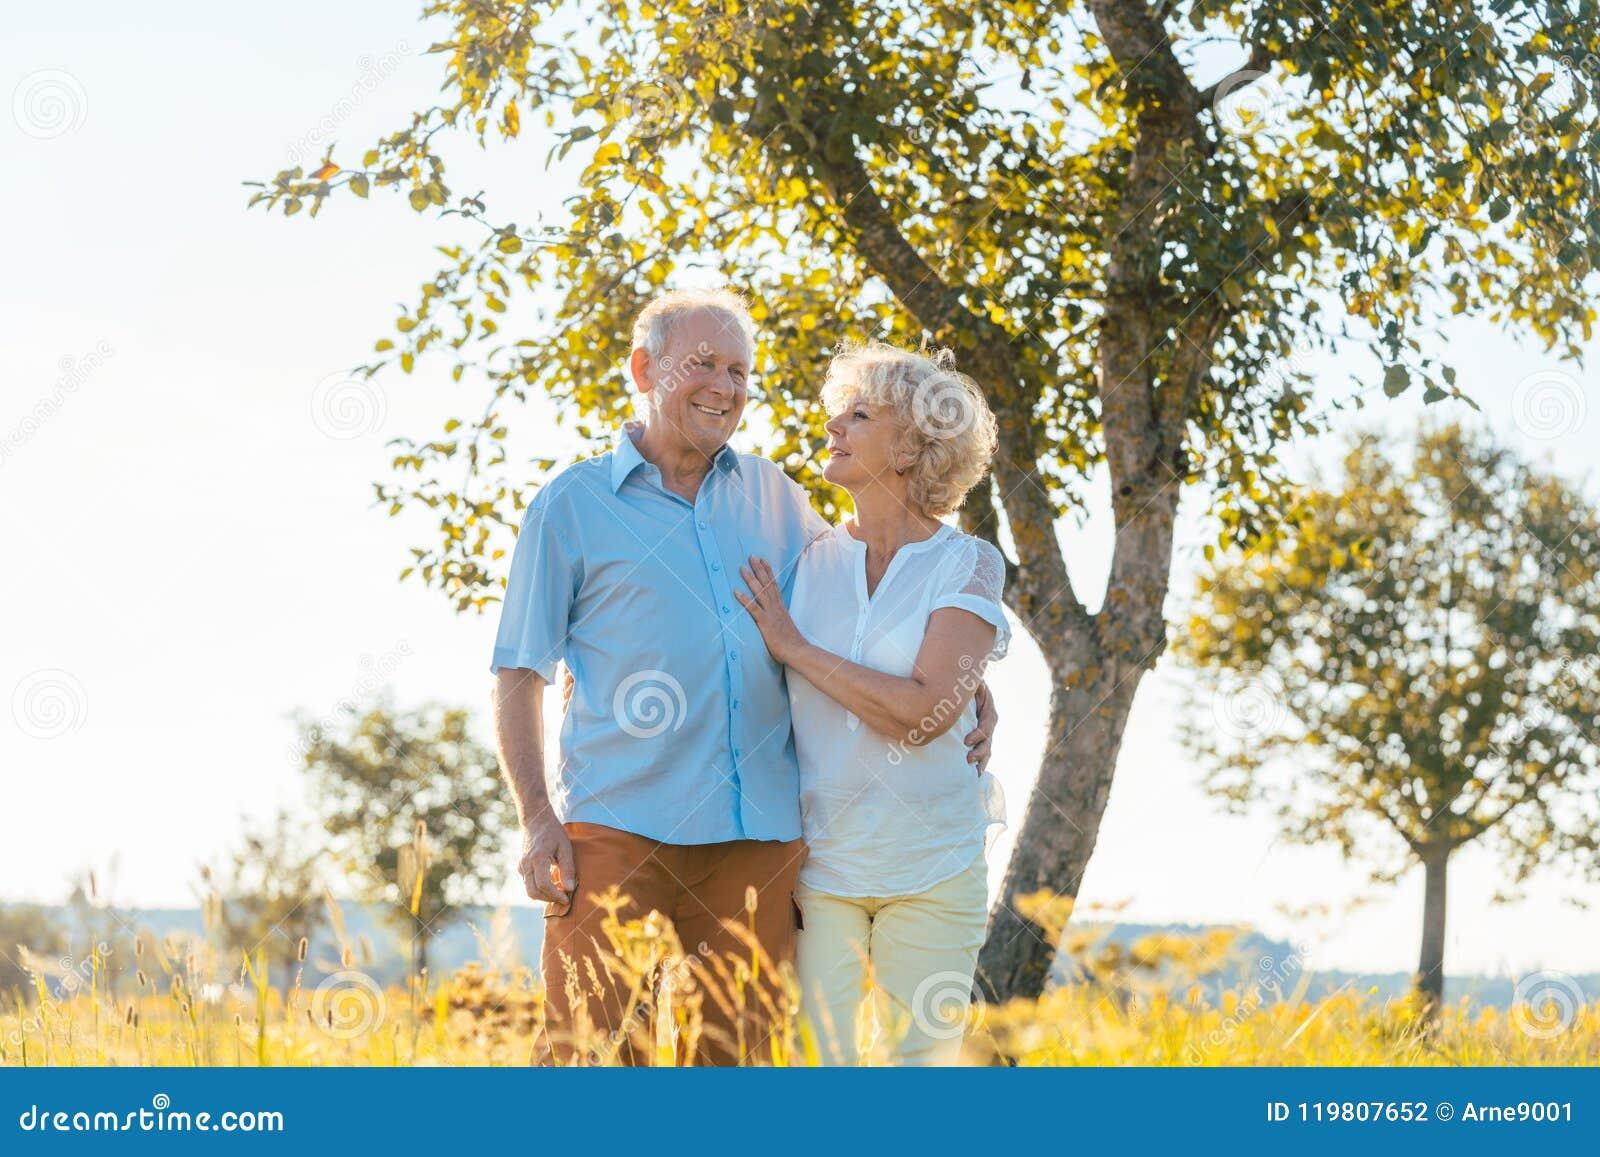 Romantisches älteres Paarhändchenhalten beim in die Landschaft zusammen gehen